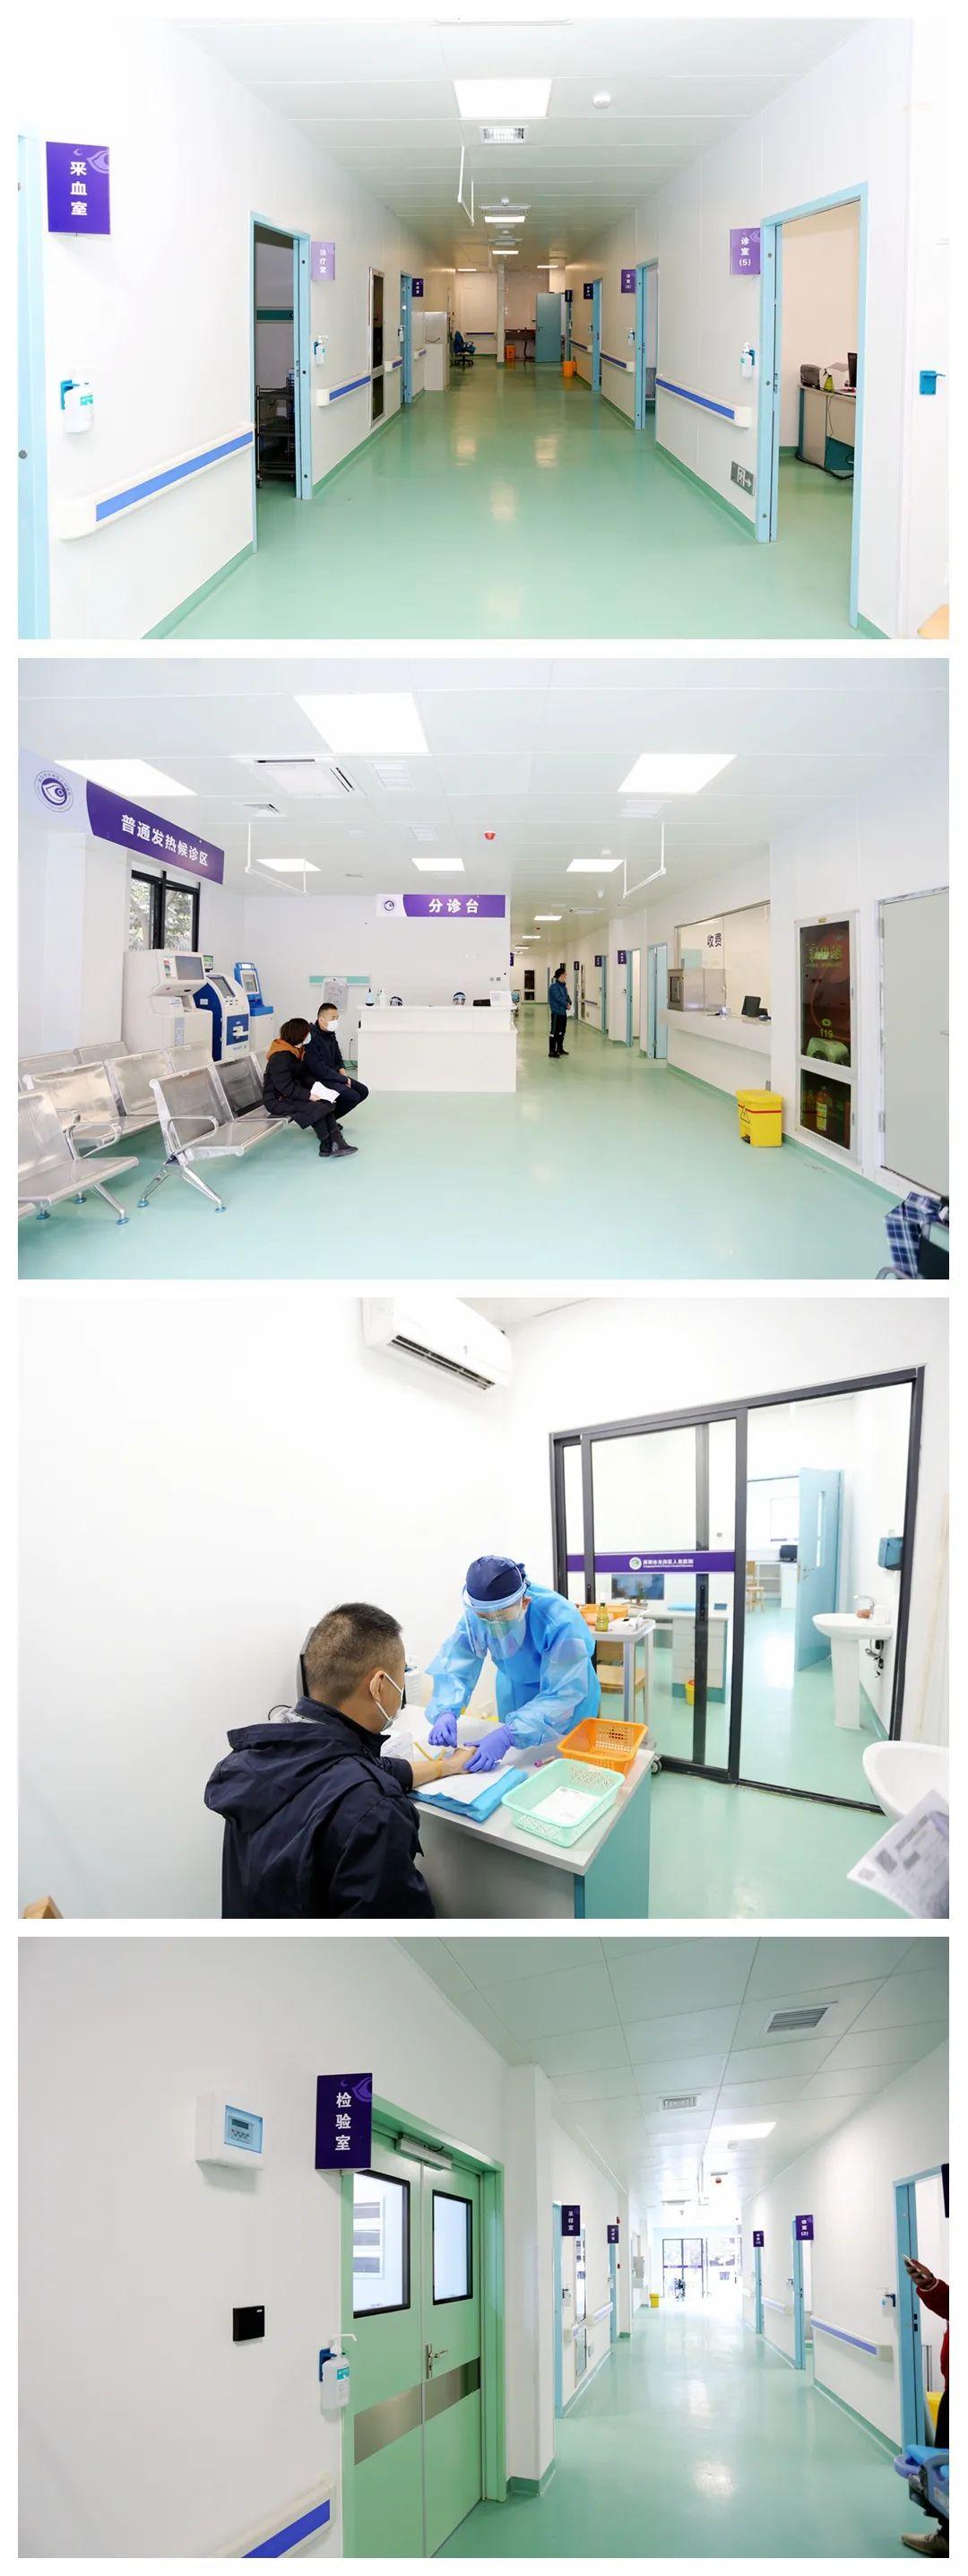 深圳市龙岗区人民医院感染性疾病科新楼顺利竣工,发热门诊正式运营